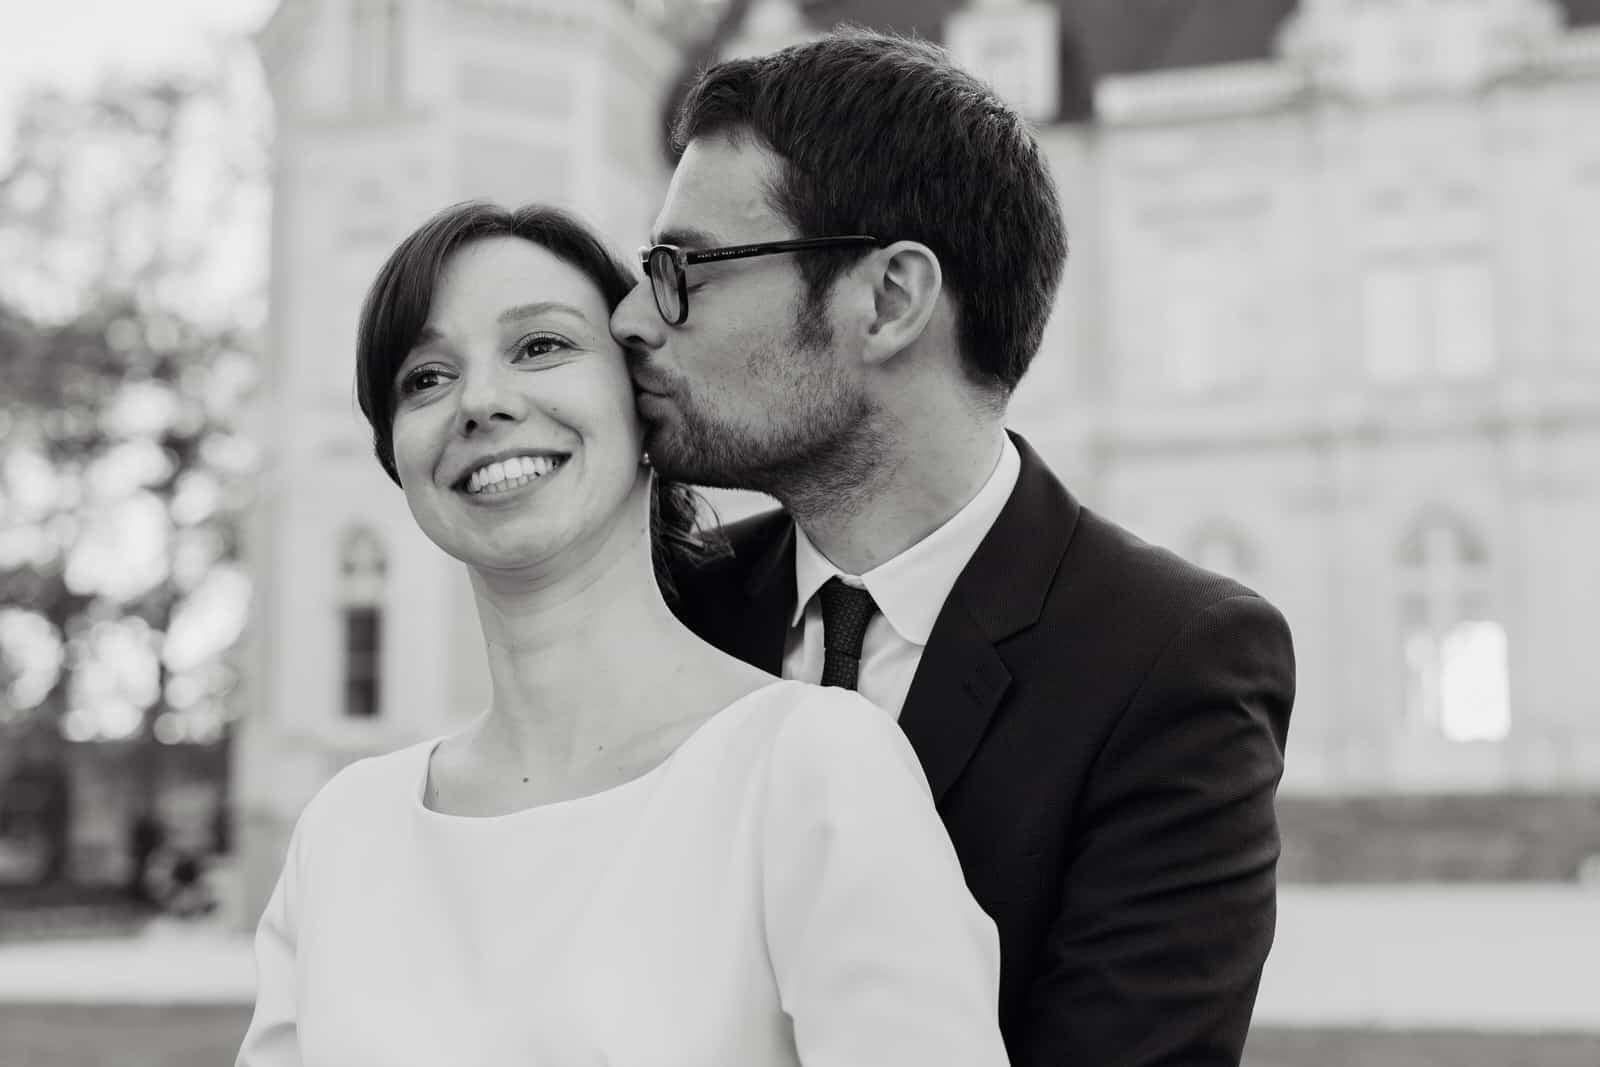 Le marié fait un bisous sur la joue